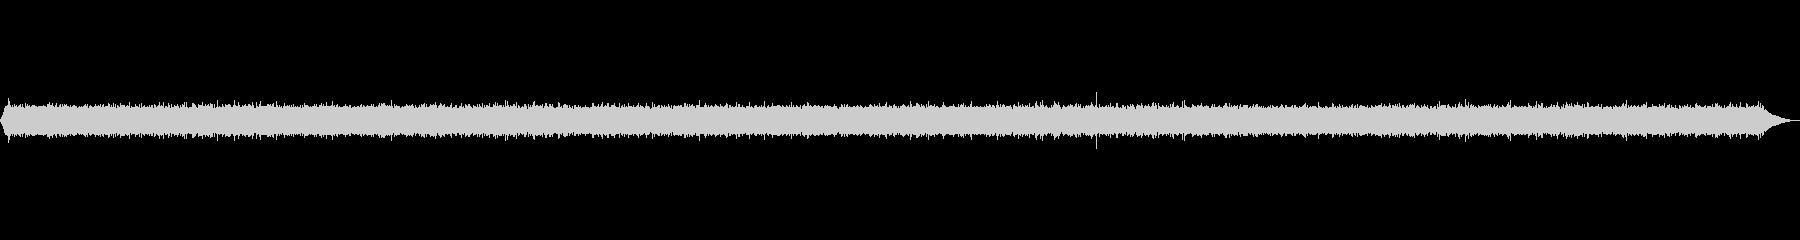 ちょっと強めな流れの川の環境音の未再生の波形